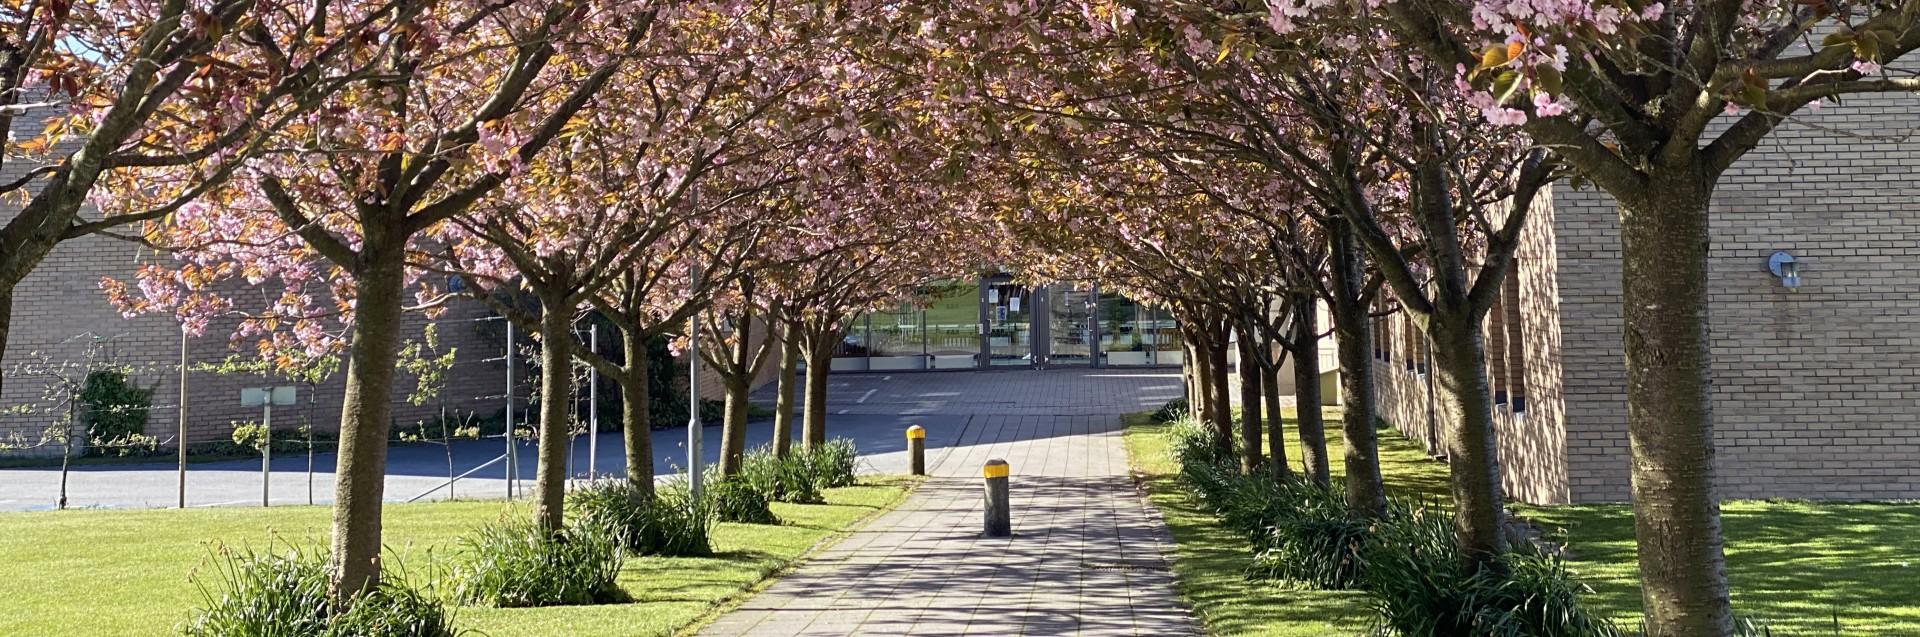 Ullandhaug campus